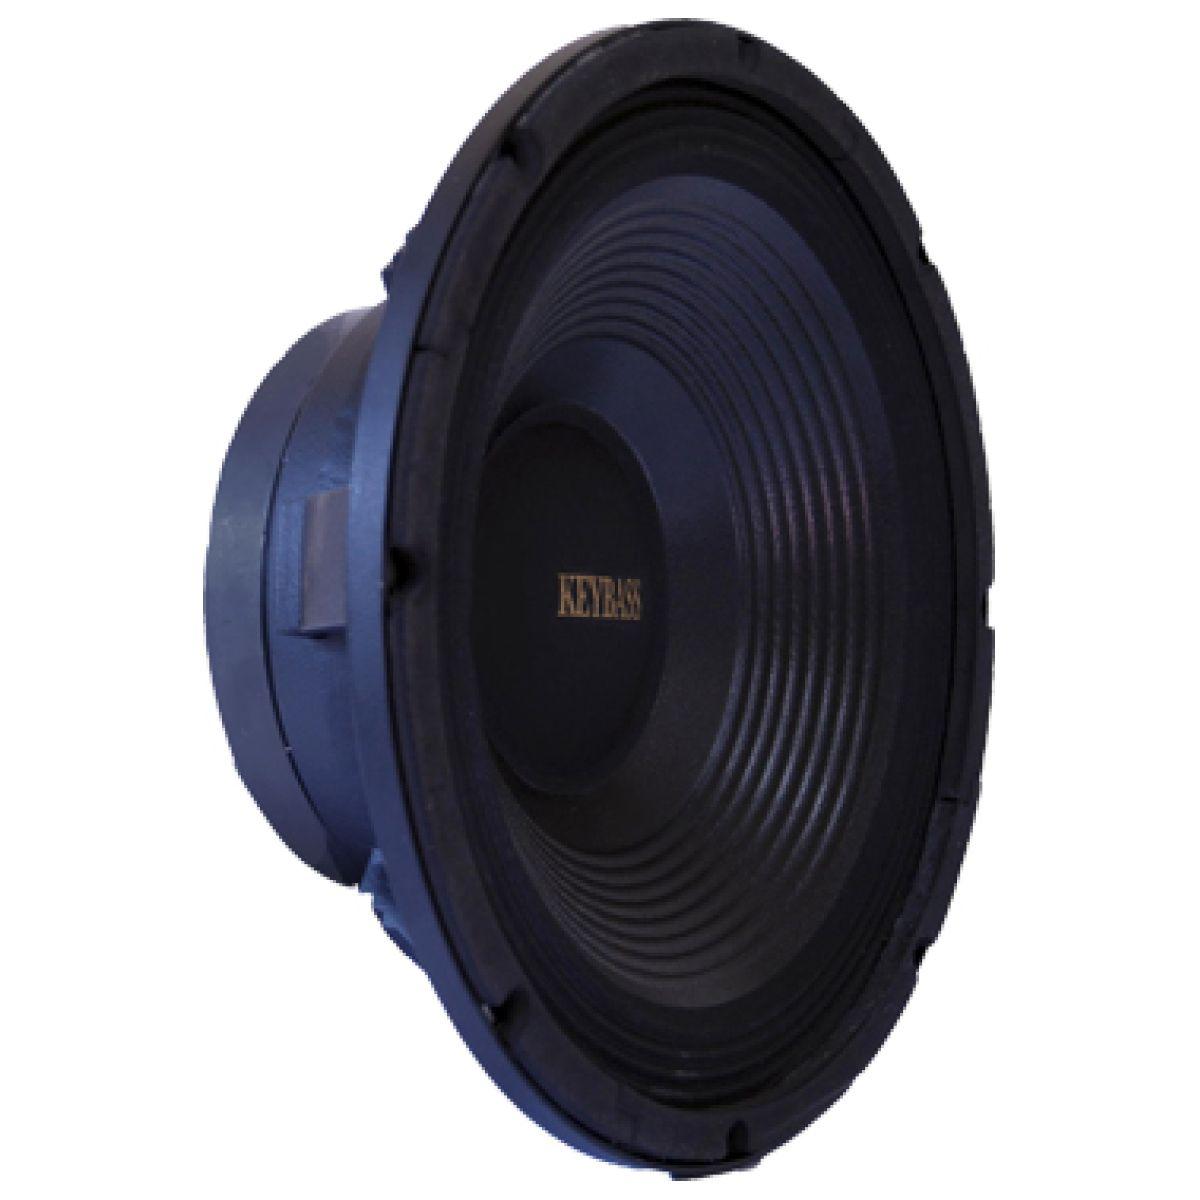 Alto Falante médio grave de 12 polegadas com 300 watts rms em 8 ohms | Keybass | KPA12169 MG